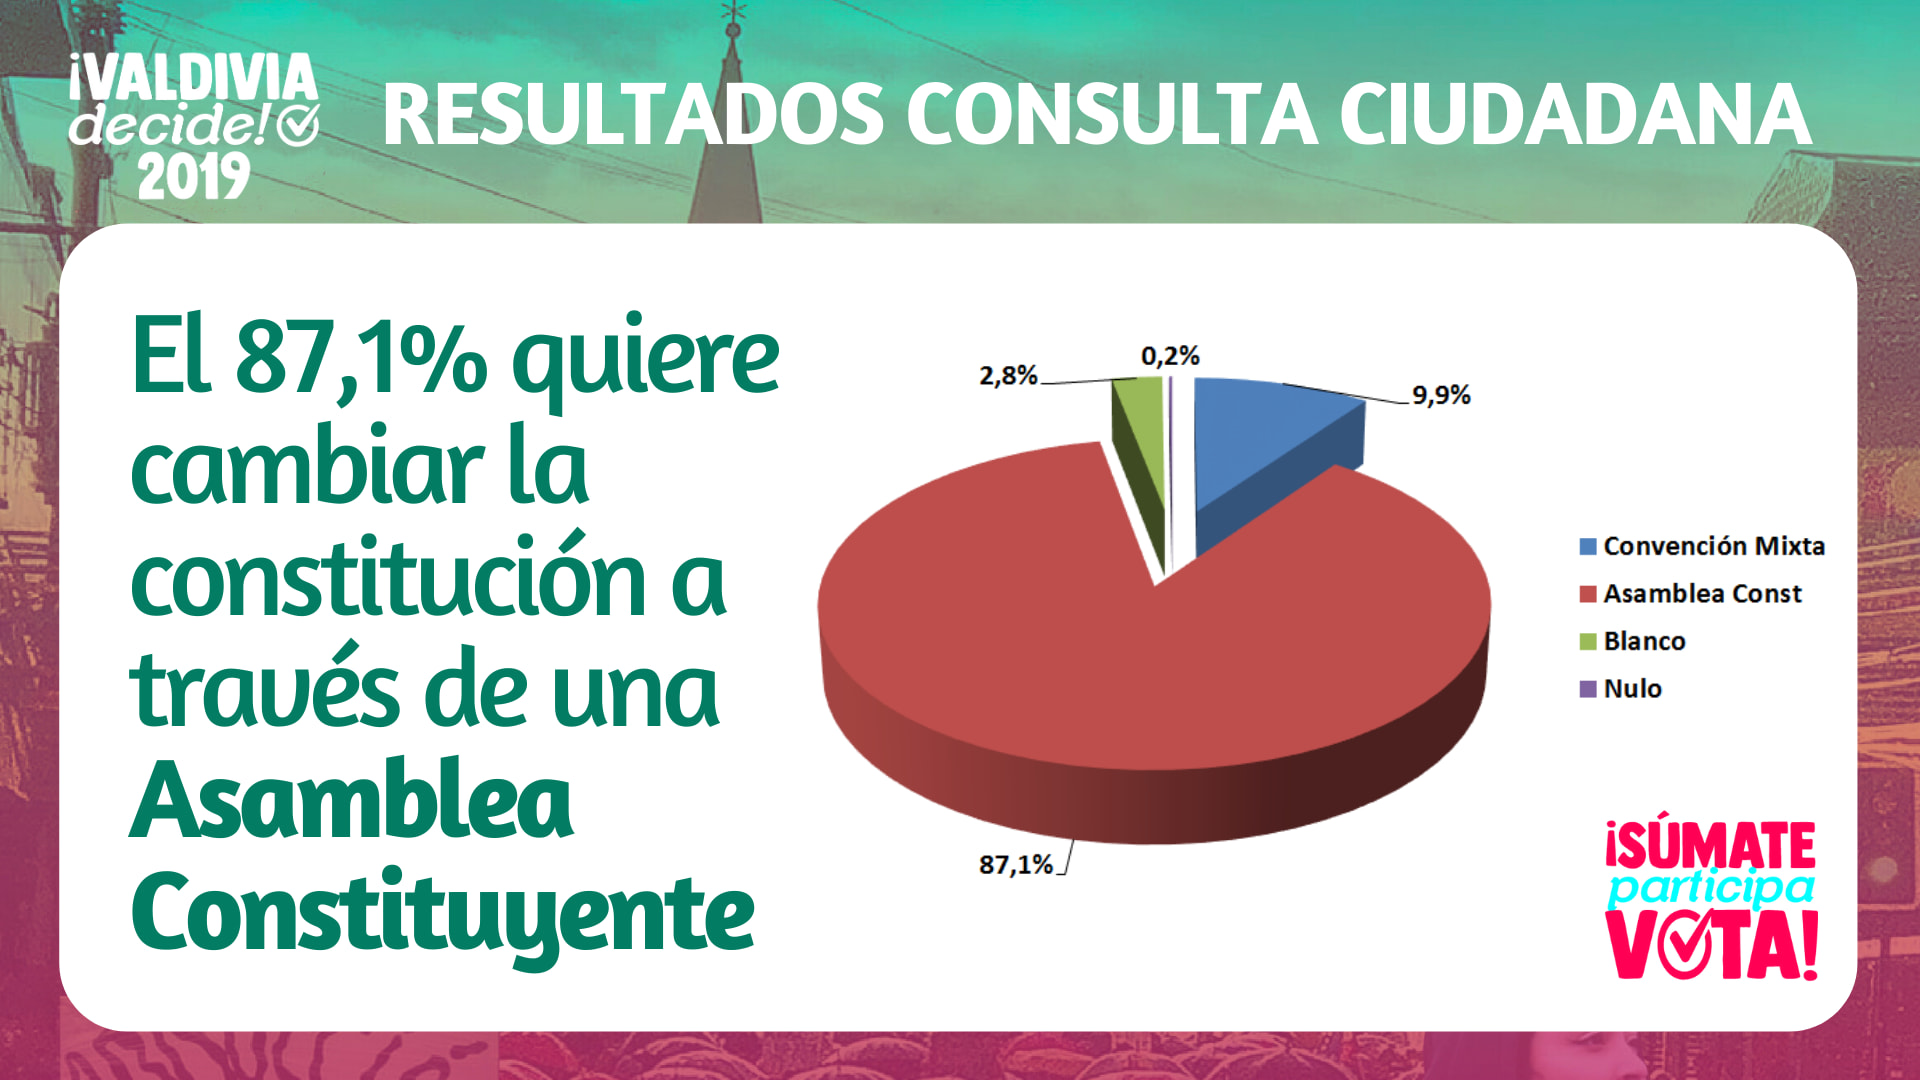 Resultados Definitivos de Consulta Ciudadana: #ValdiviaDecide. (documento descargable).